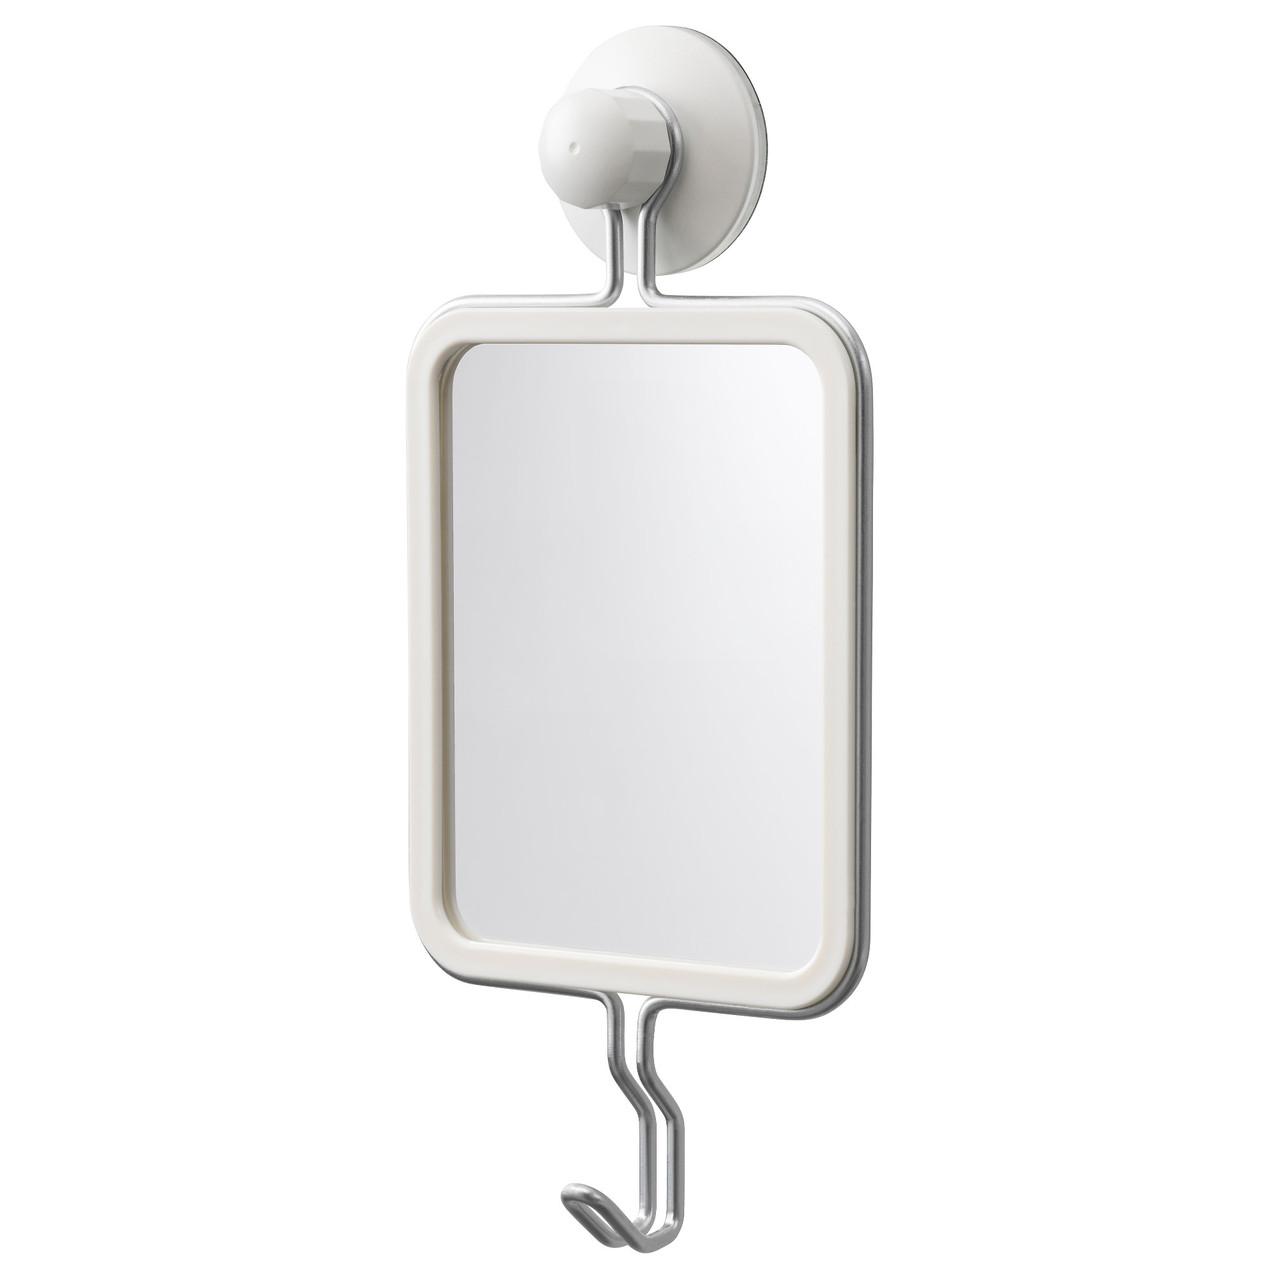 ИММЕЛЬН Дзеркало з гачками, на присоску, оцинкований 40354117 IKEA, ІКЕА, IMMELN